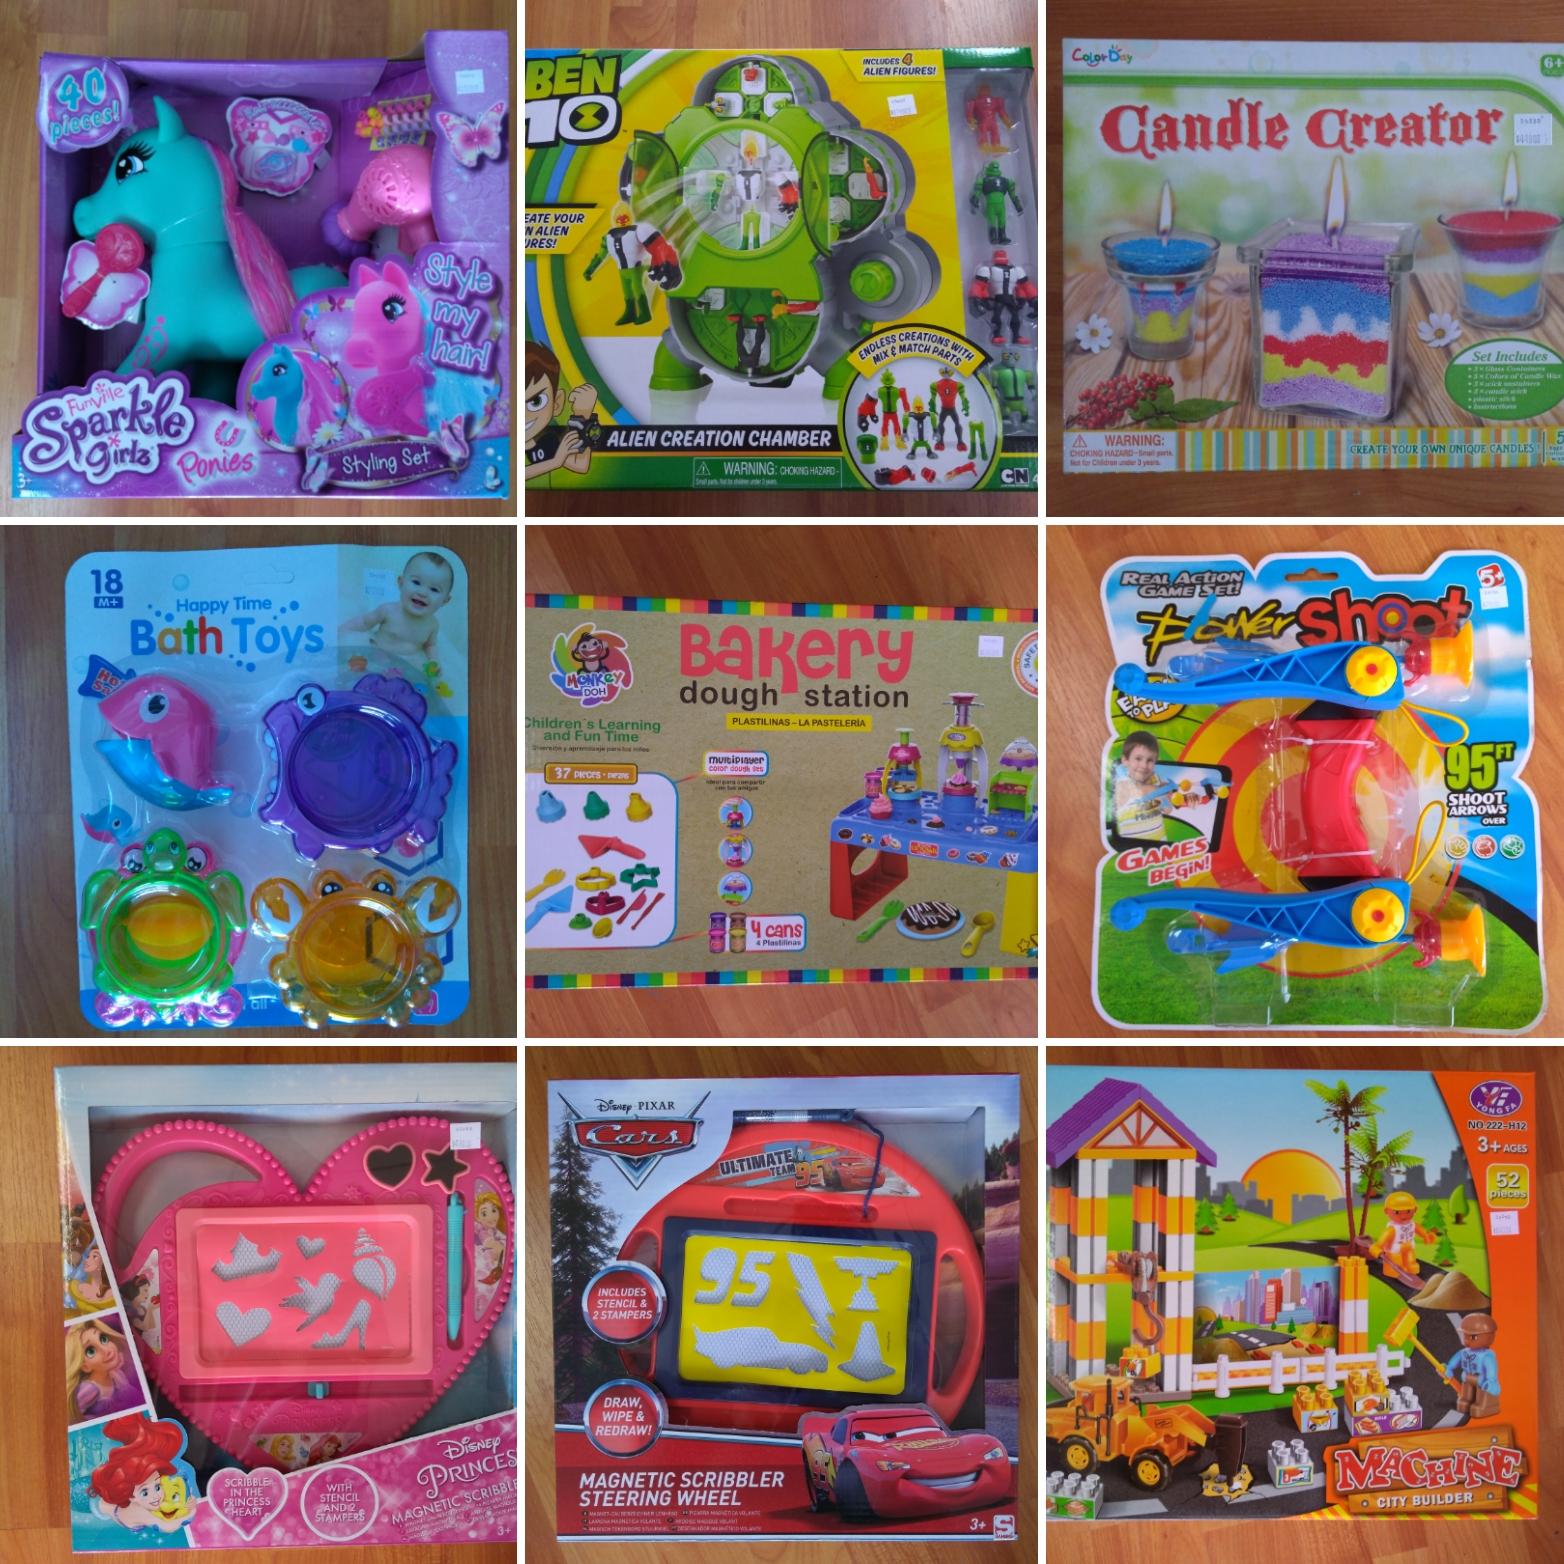 jugueteria-juguetes-milcositas-manizales- (7)